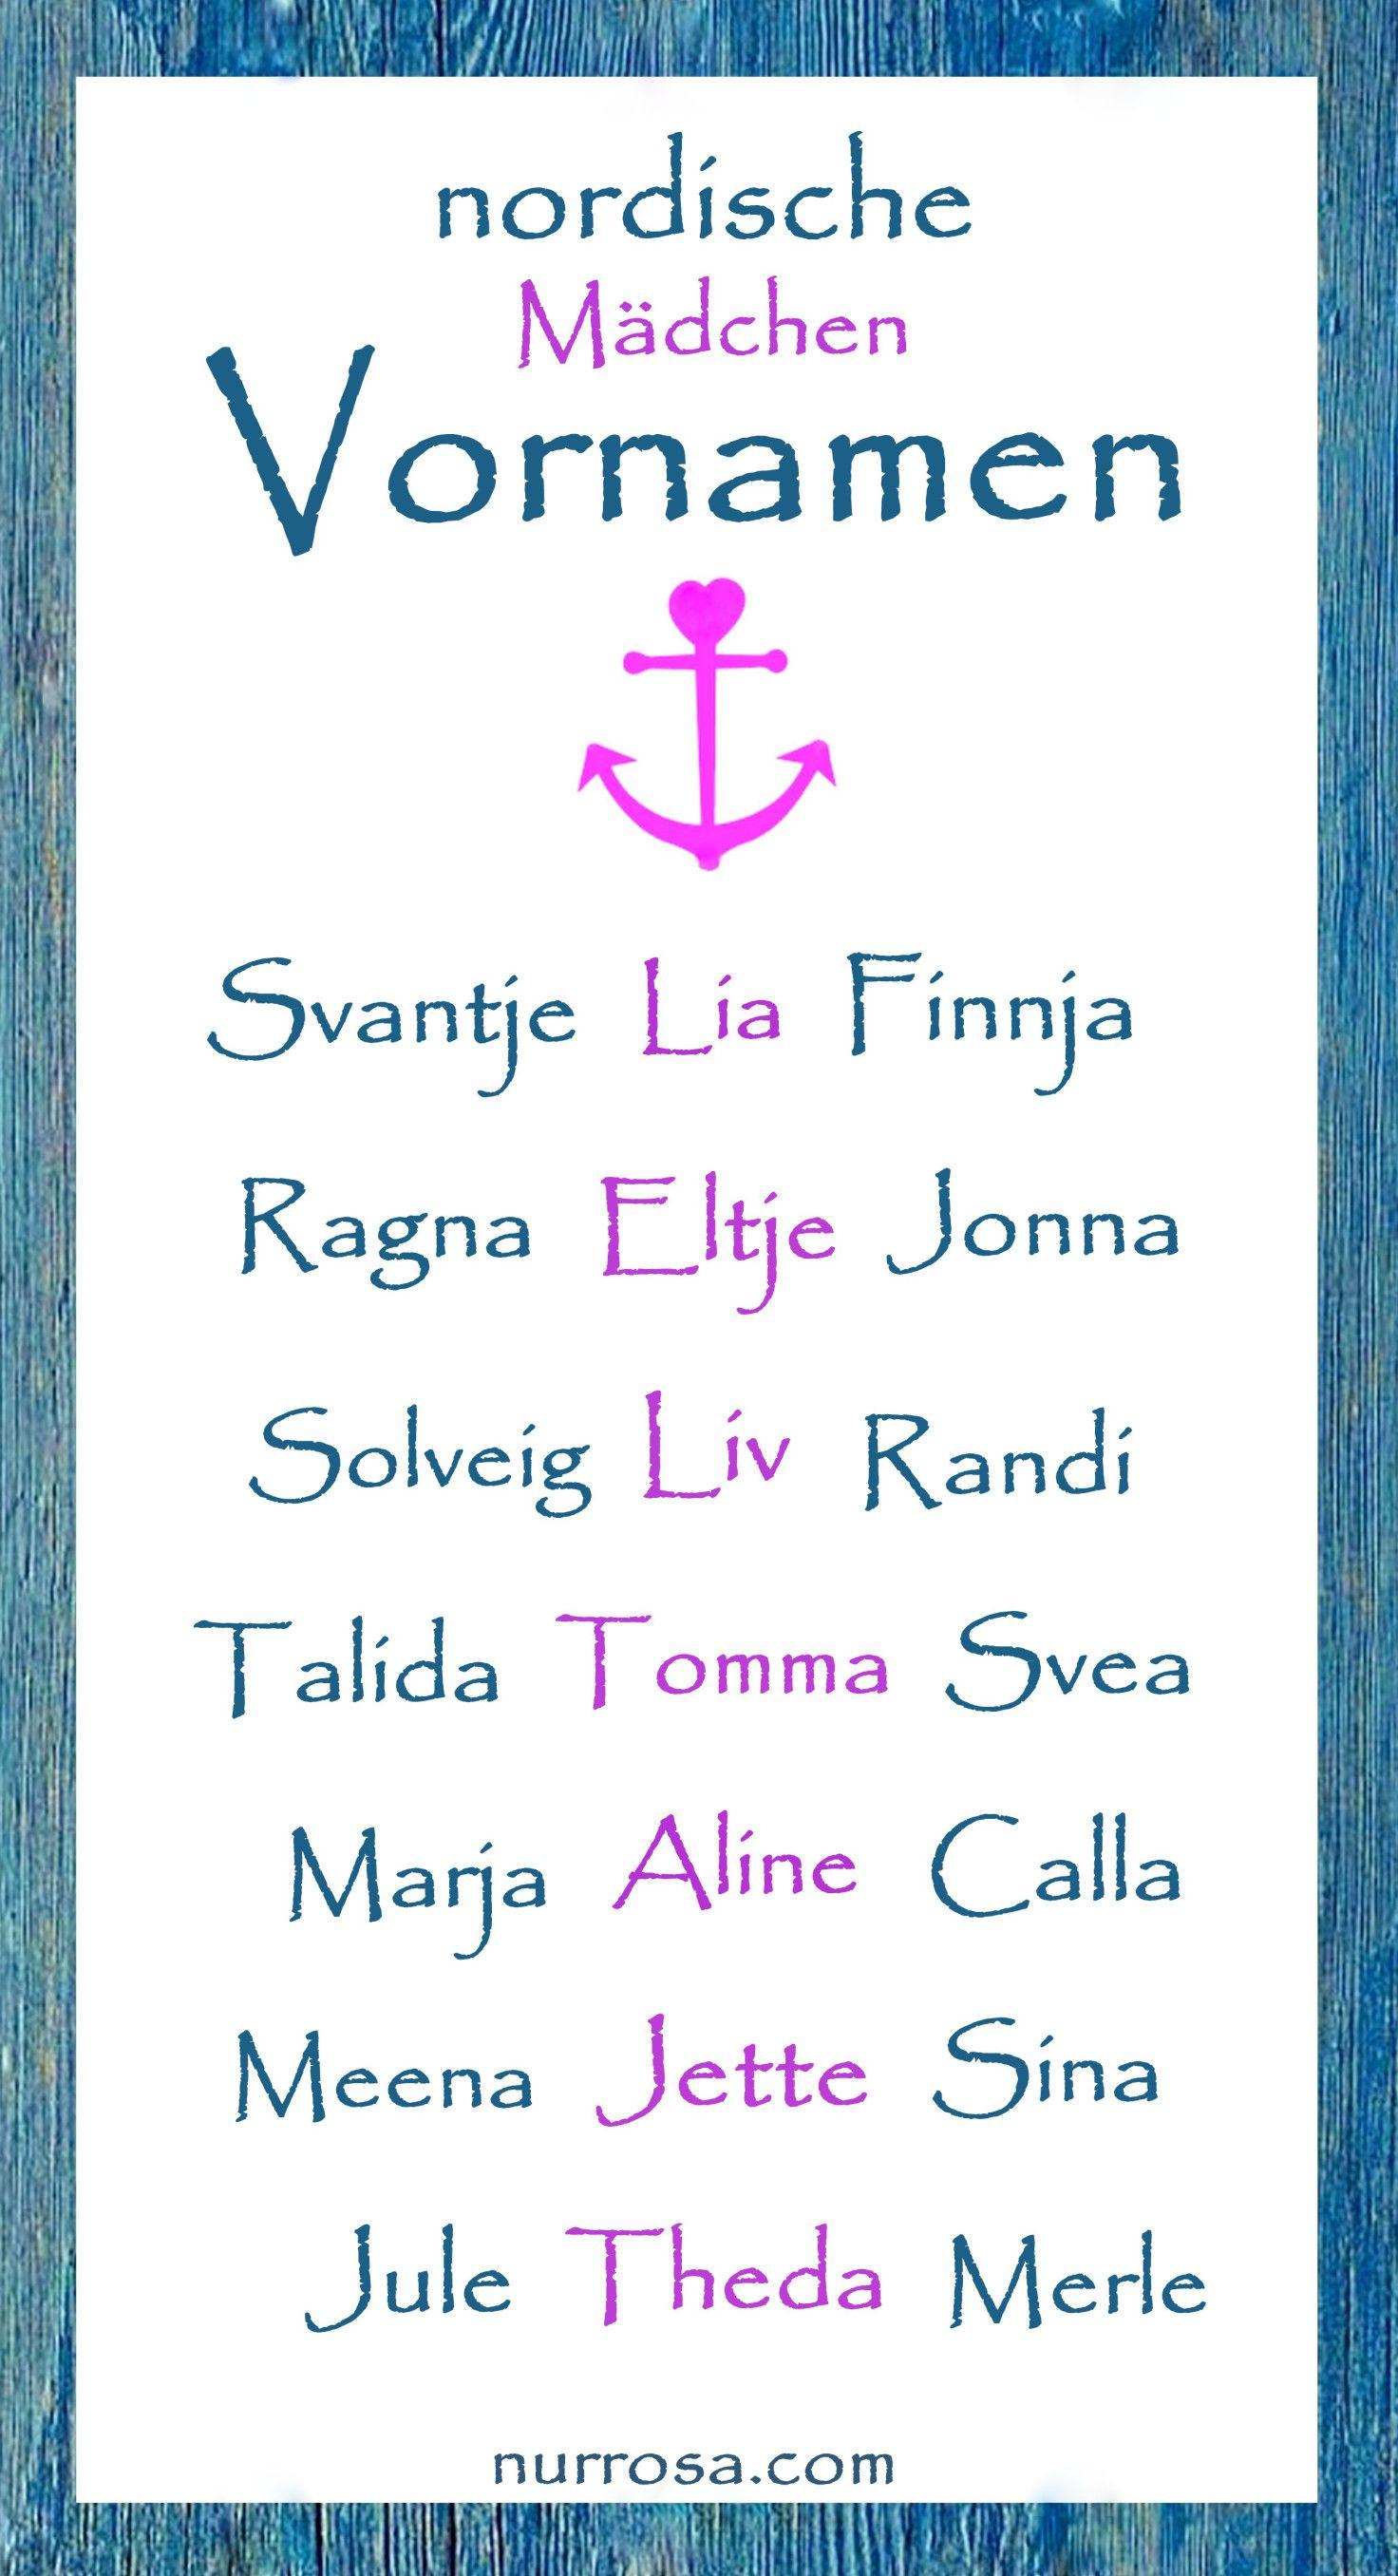 Die schönsten Vornamen für Mädchen von A Z